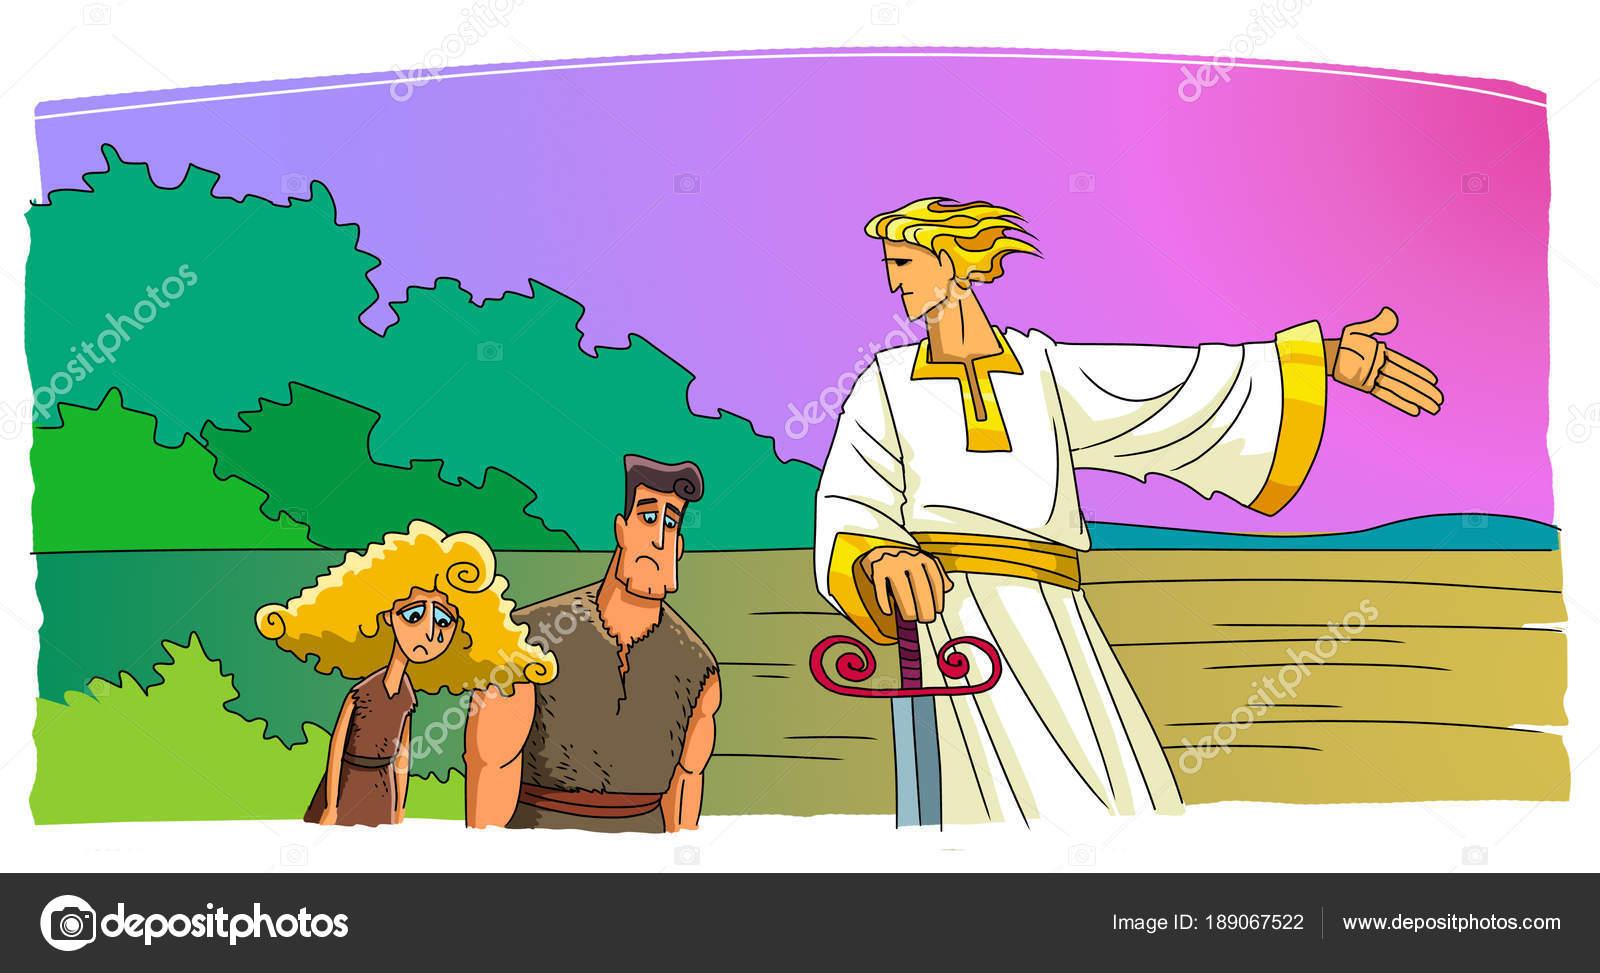 Ángel expulsa a Adán y Eva del Edén — Fotos de Stock © askib #189067522